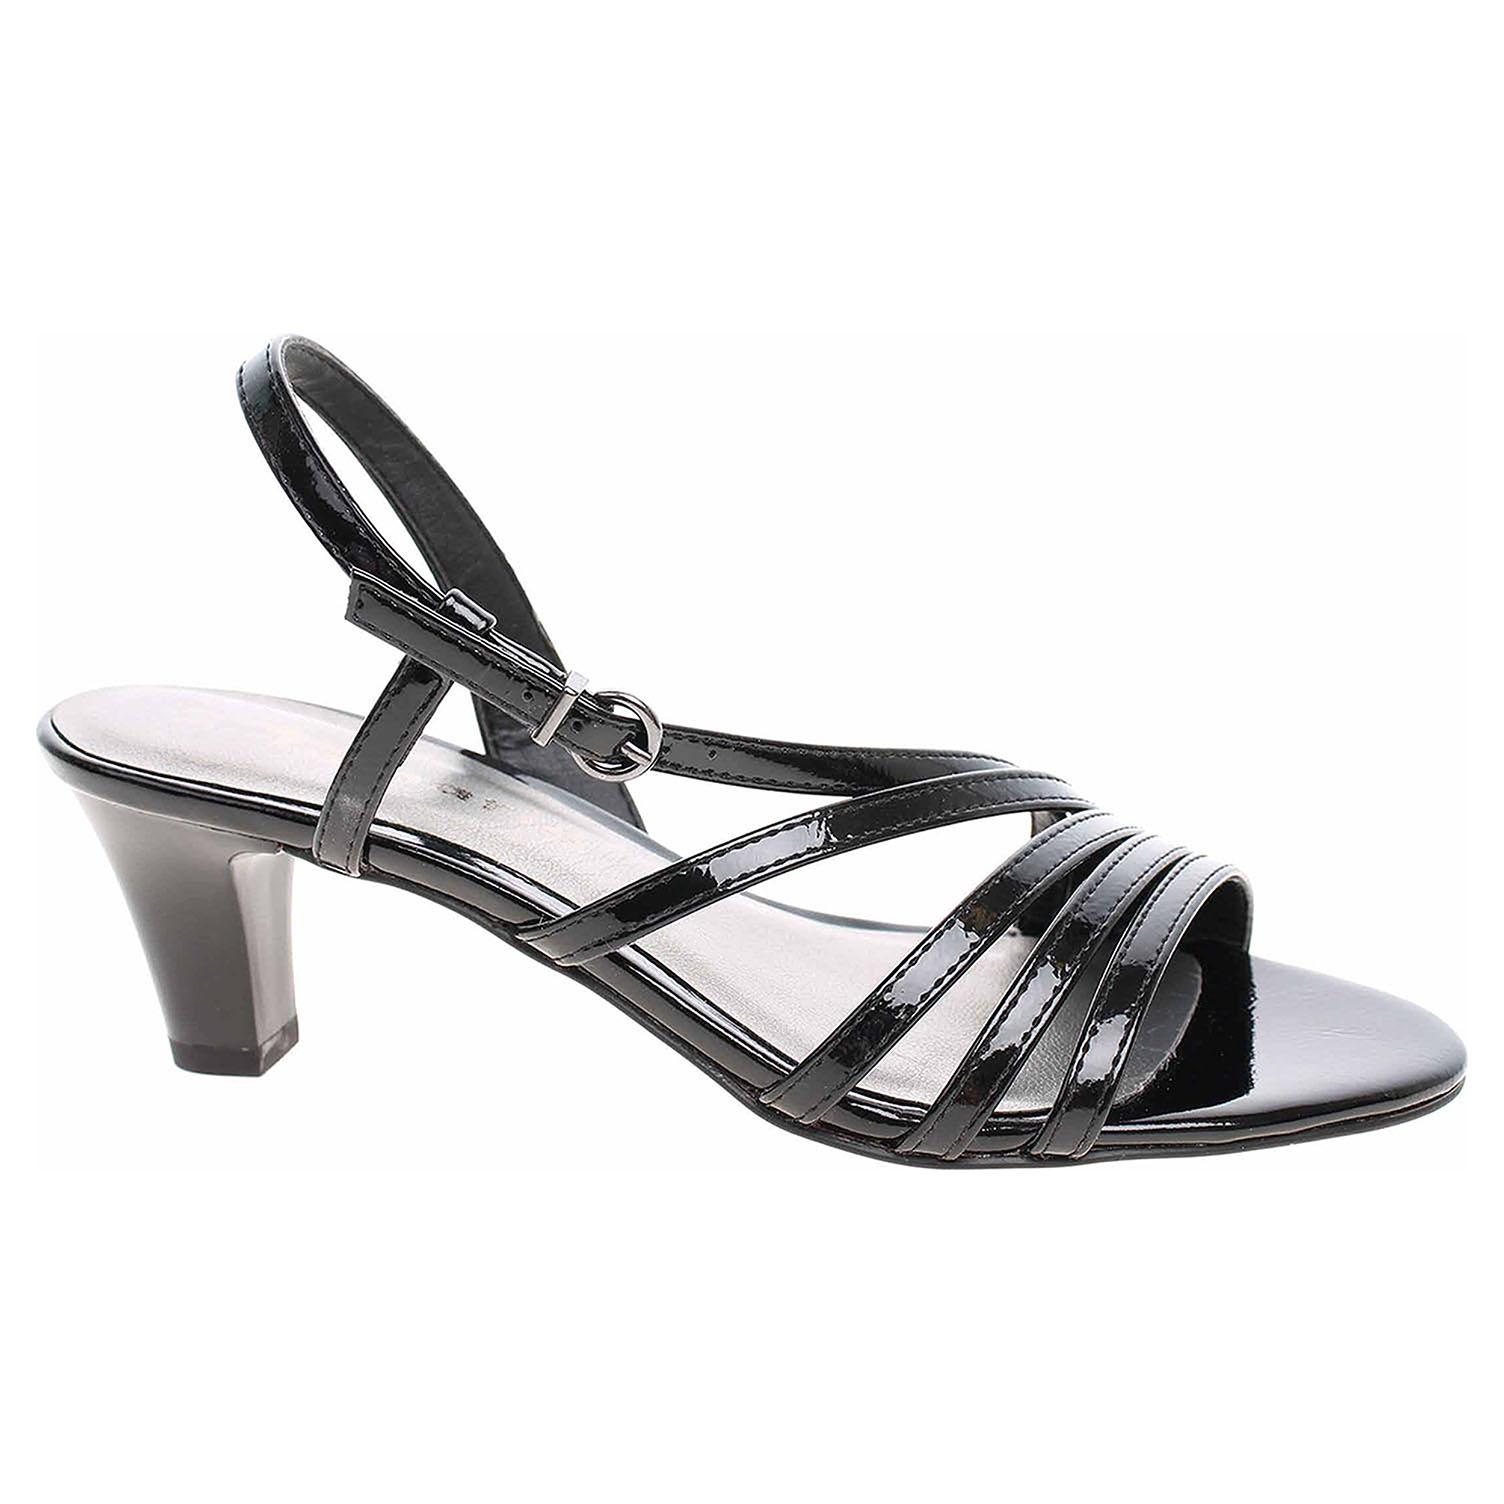 Dámská společenská obuv Tamaris 1-28023-32 black patent 1-1-28023-32 018 39